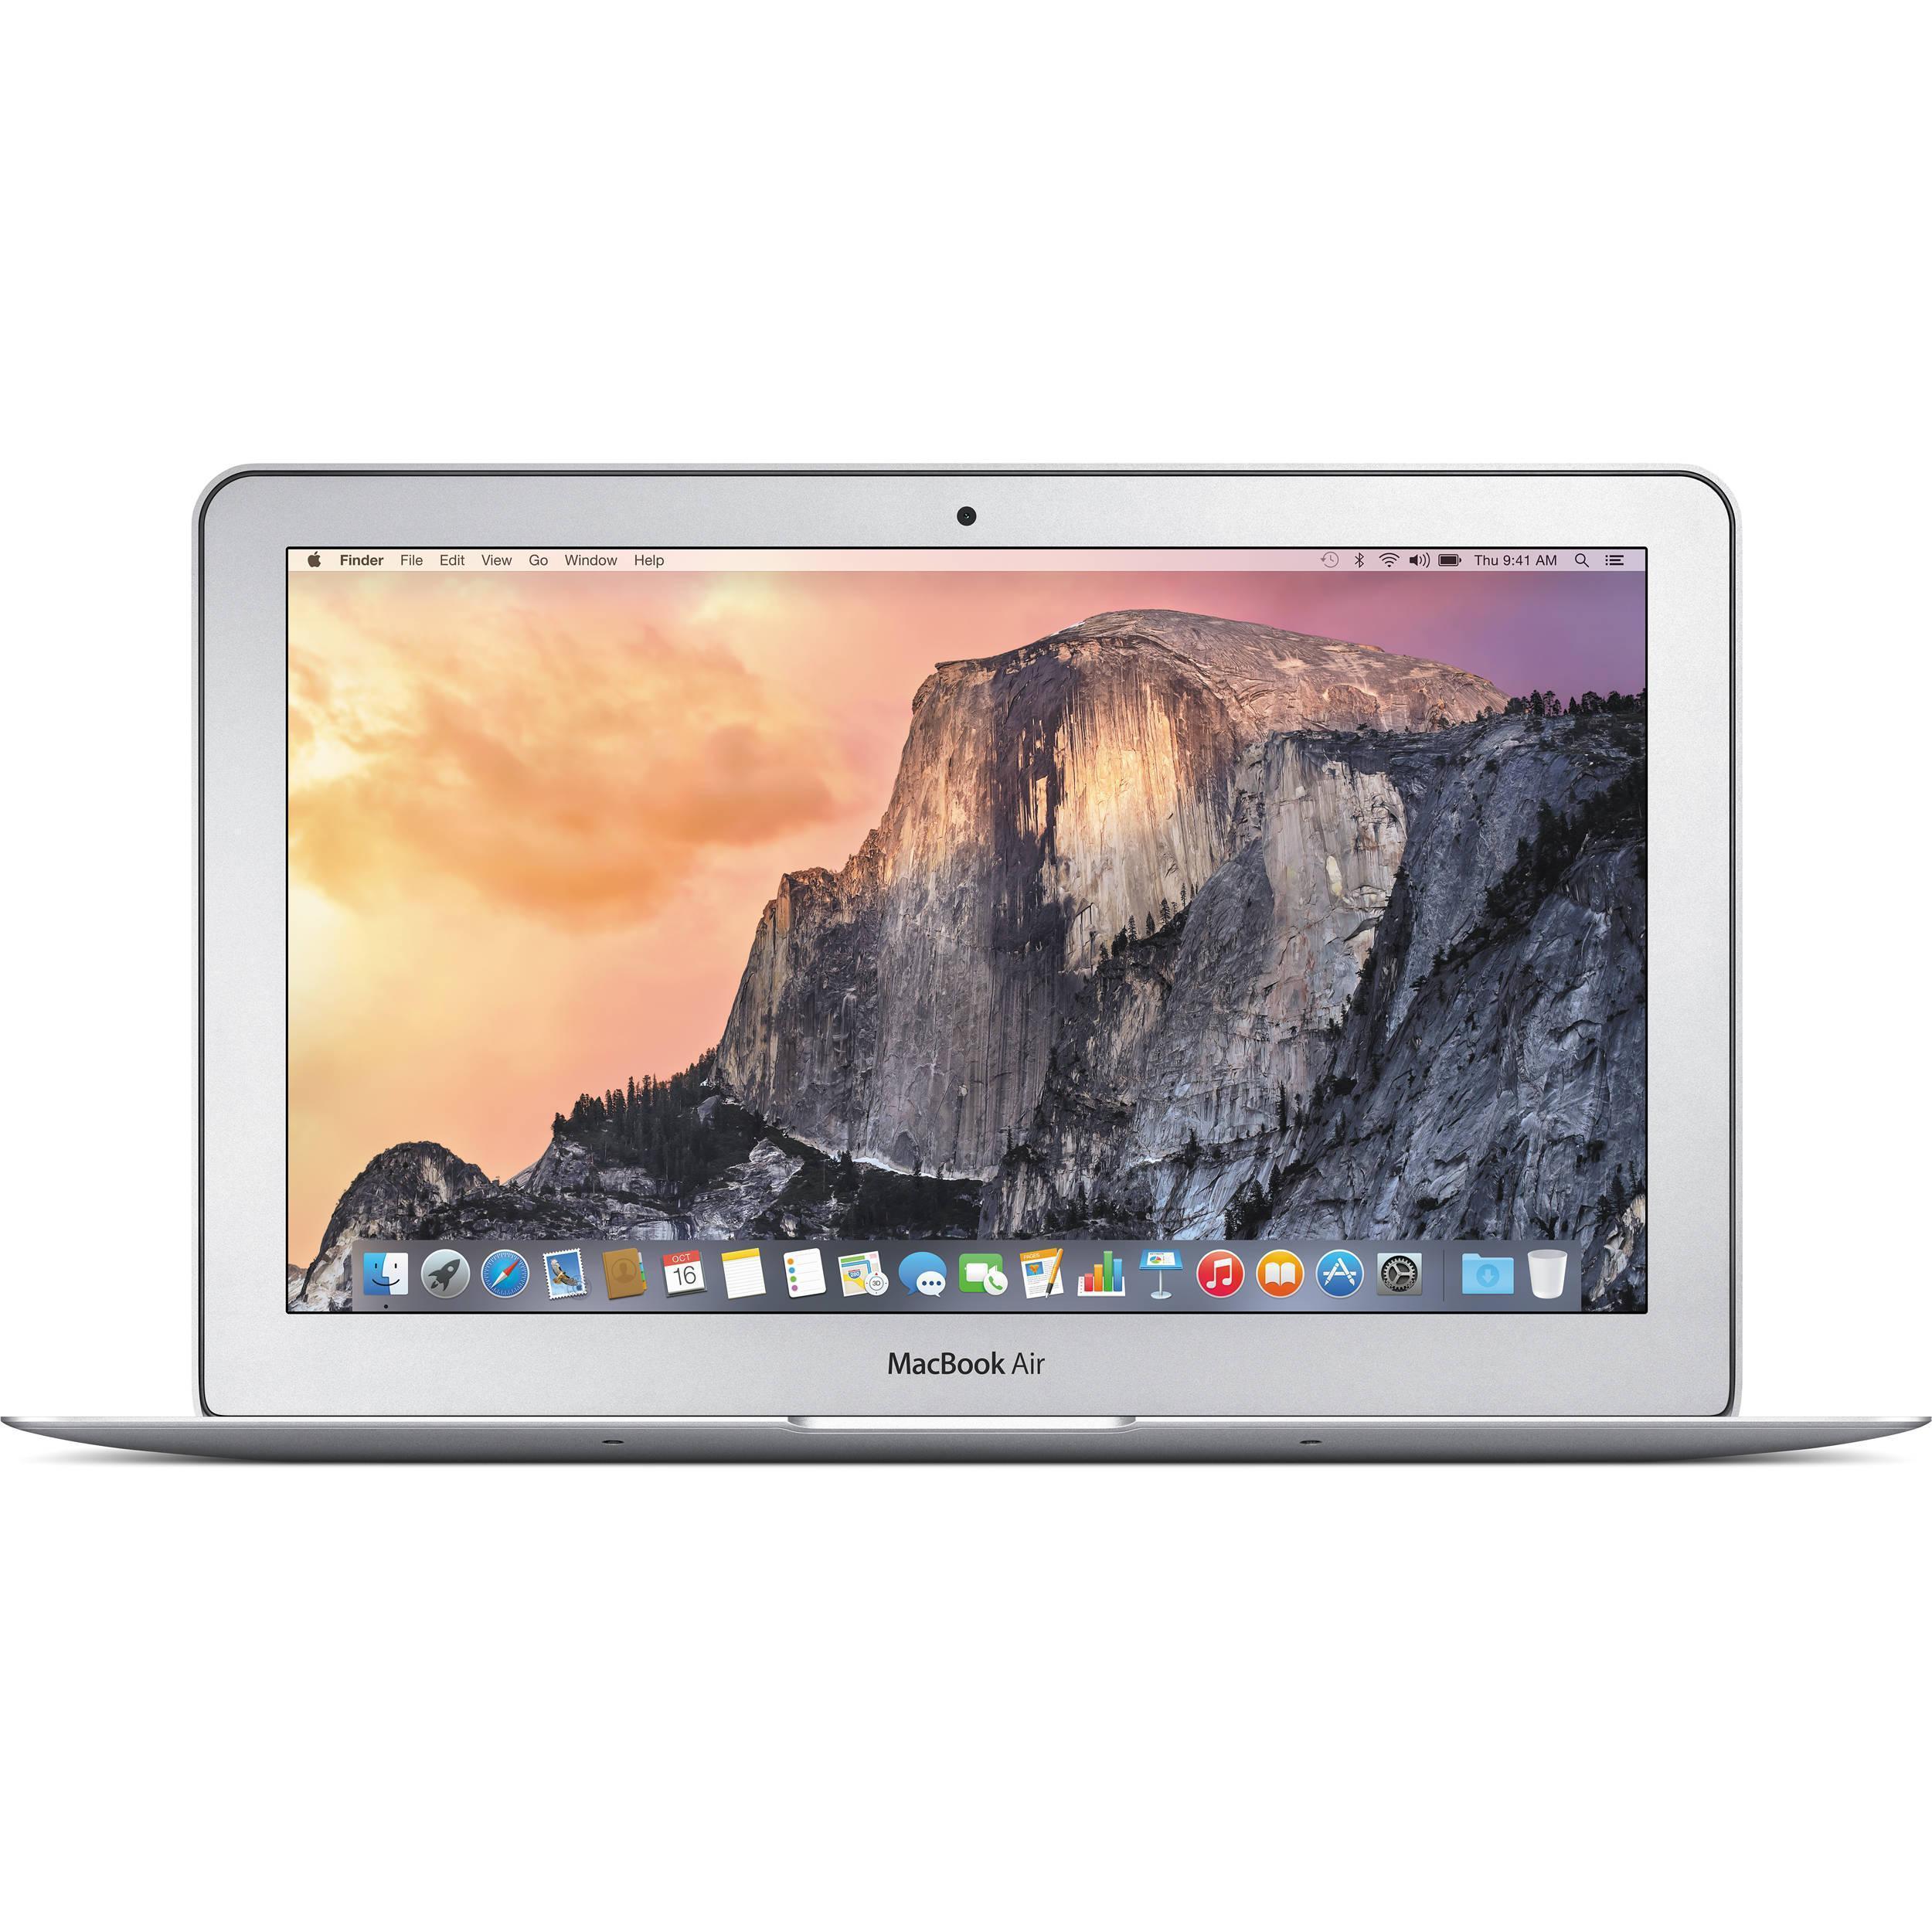 MacBook Air 11,6-tum (2015) - Core i5 - 4GB - SSD 128 GB QWERTZ - Tyska